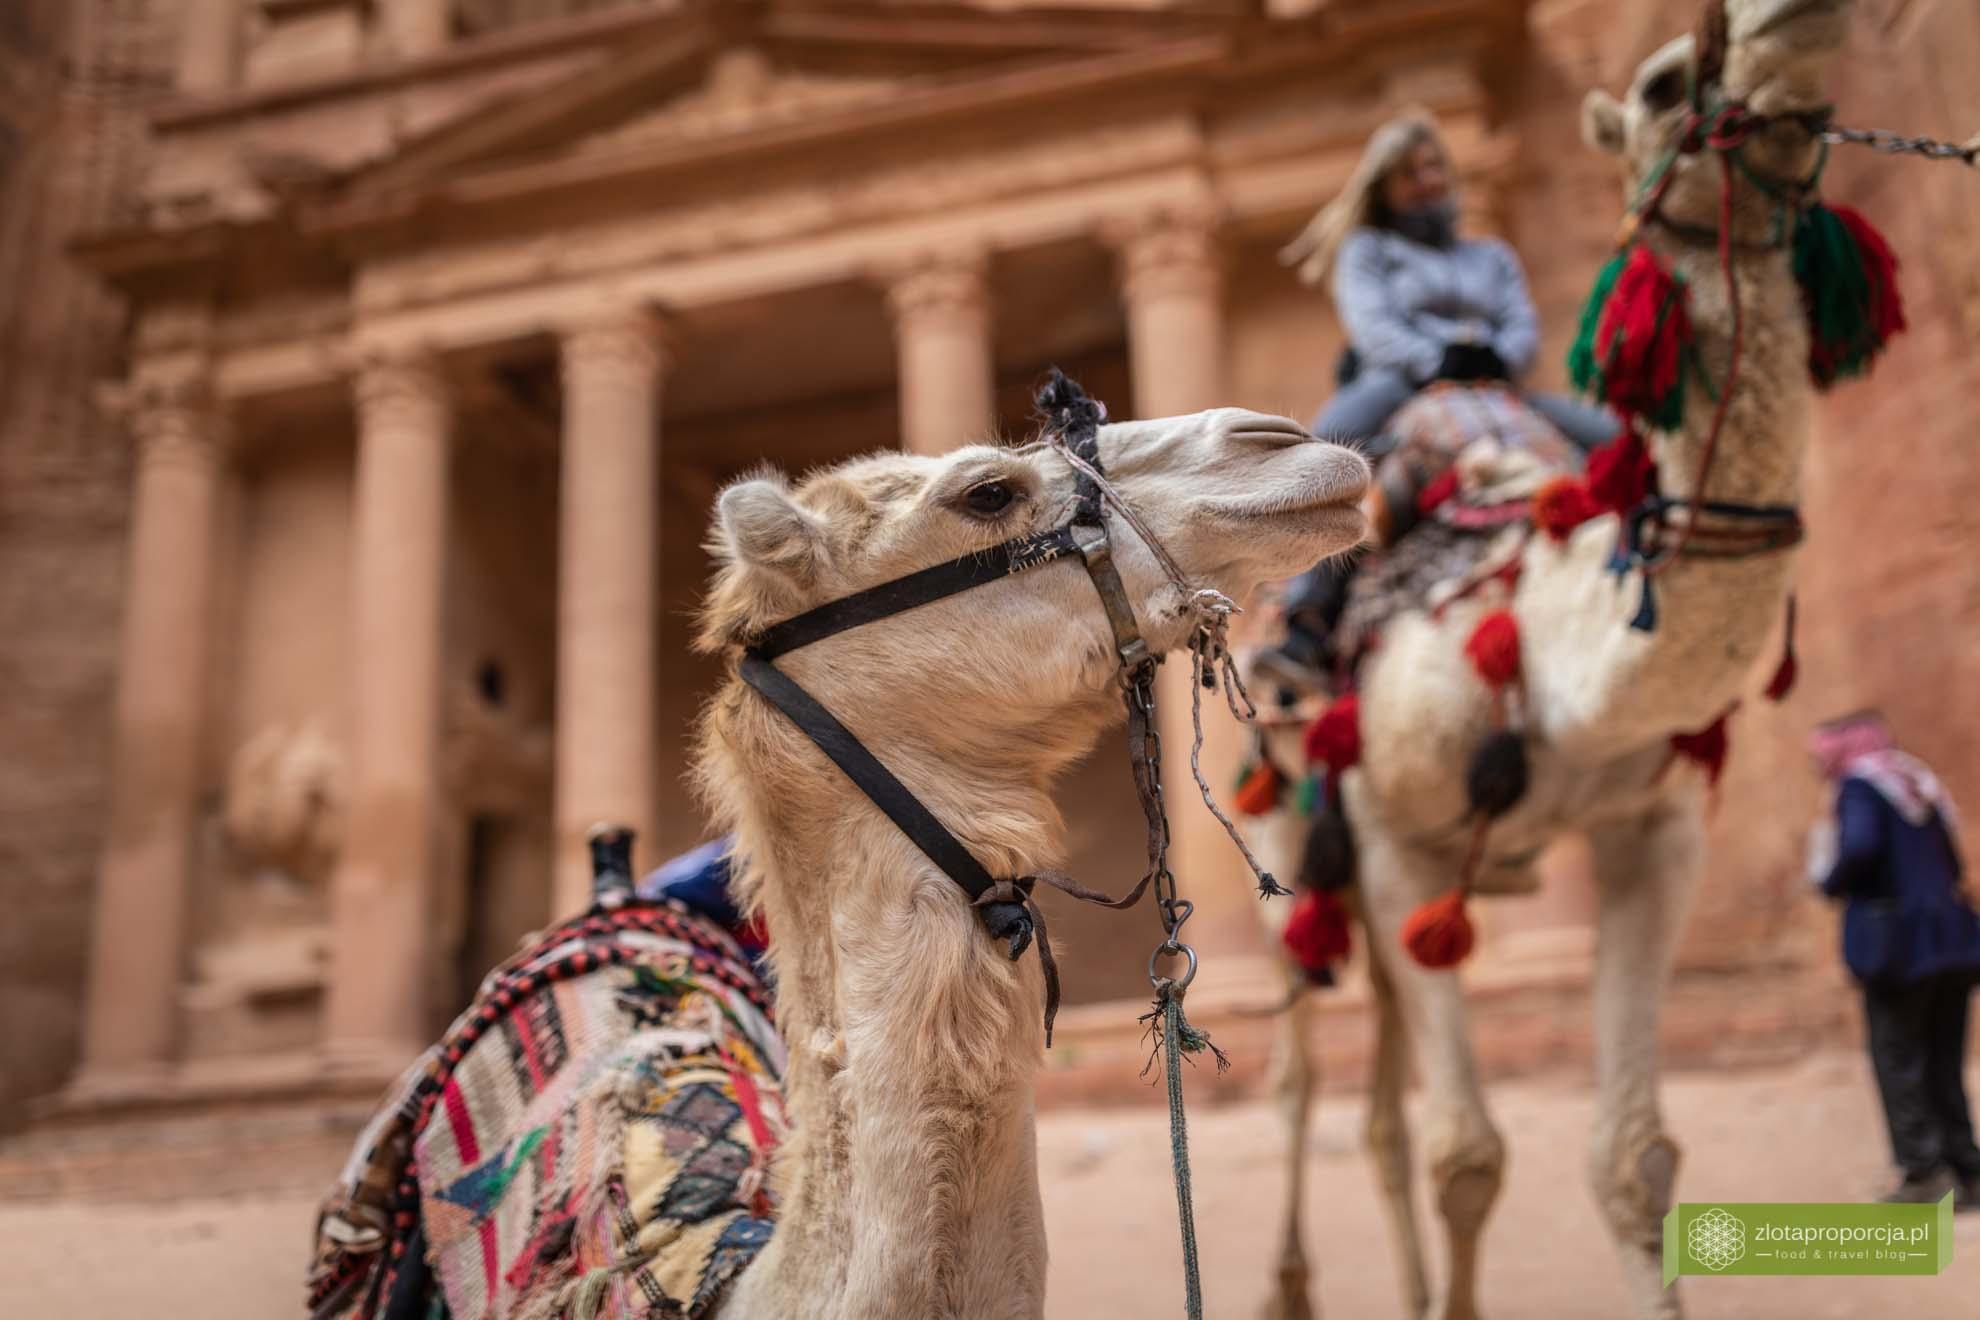 Petra; Jordania; Skarbiec Petra; atrakcje Petry; miasto wykute w skale; Petra Jordania; Petra cud świata; miasto Nabatejczyków; Skarbiec Faraona; Al-Chazna;